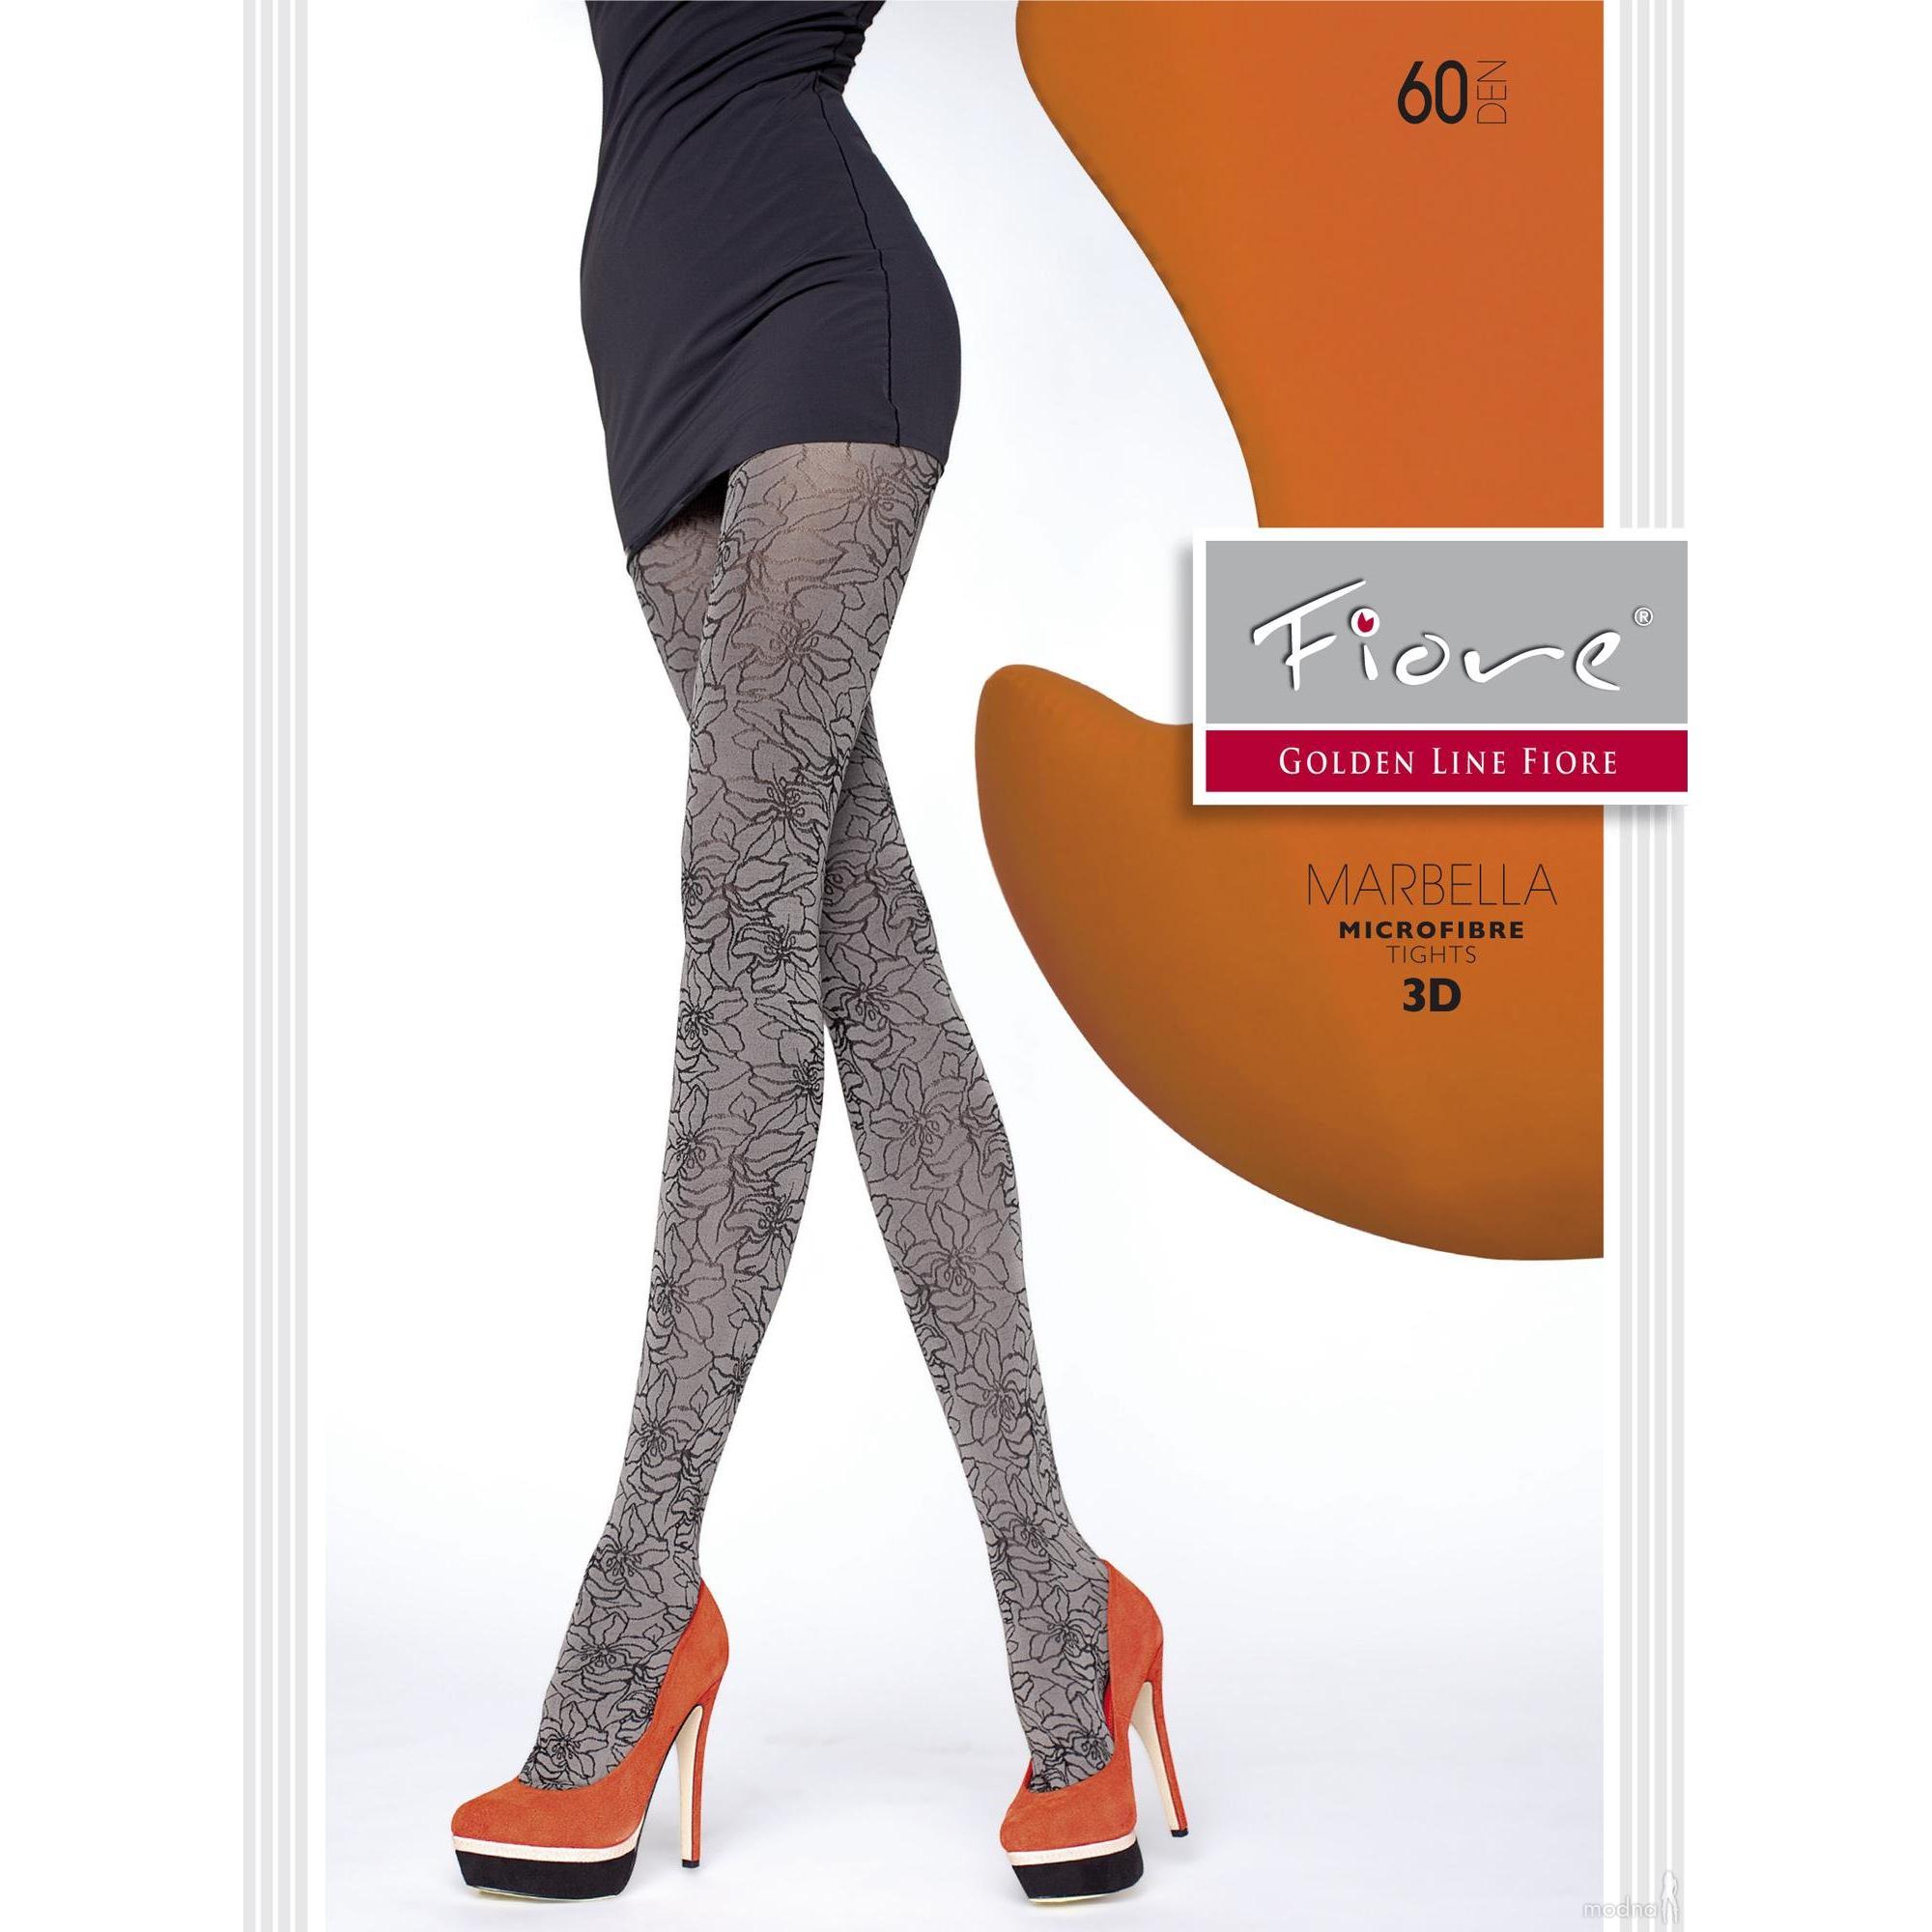 Fiore Marbella G5518 tg 4 collant 60 den graphite